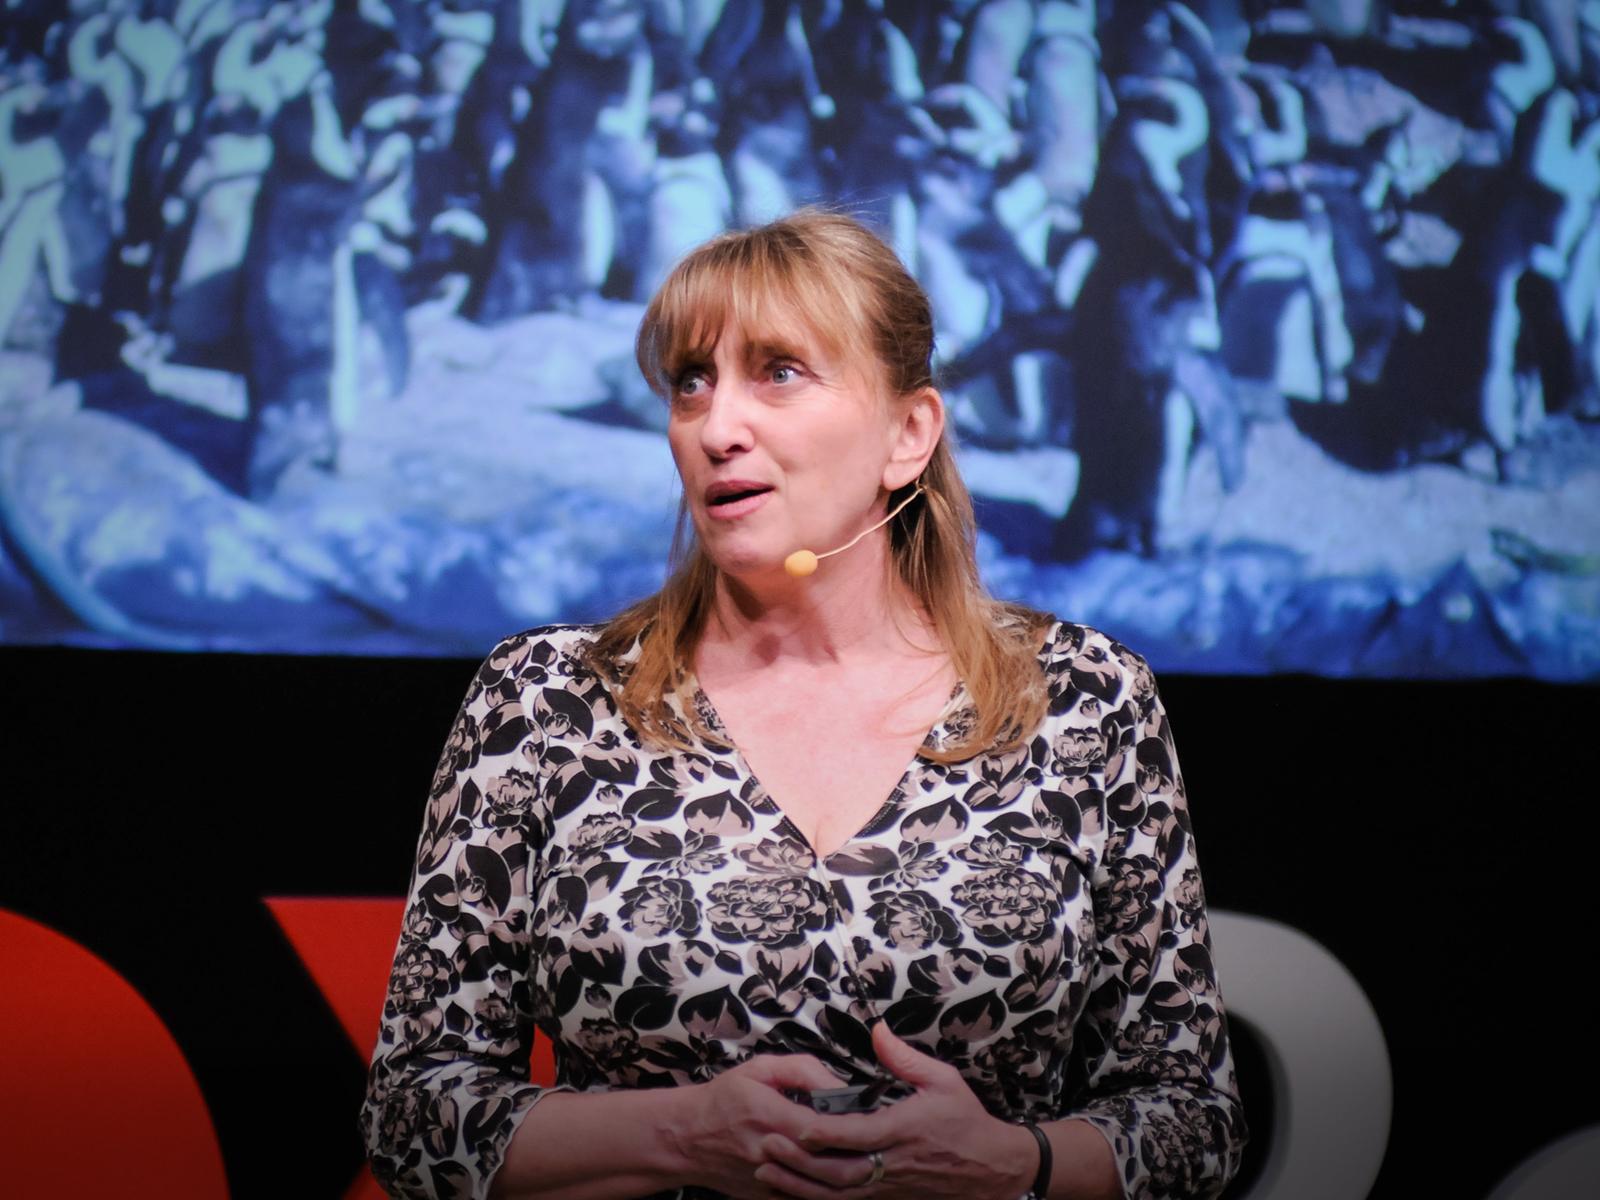 سخنرانی تد : دیانا دپلی: نجات بزرگ پنگوئن